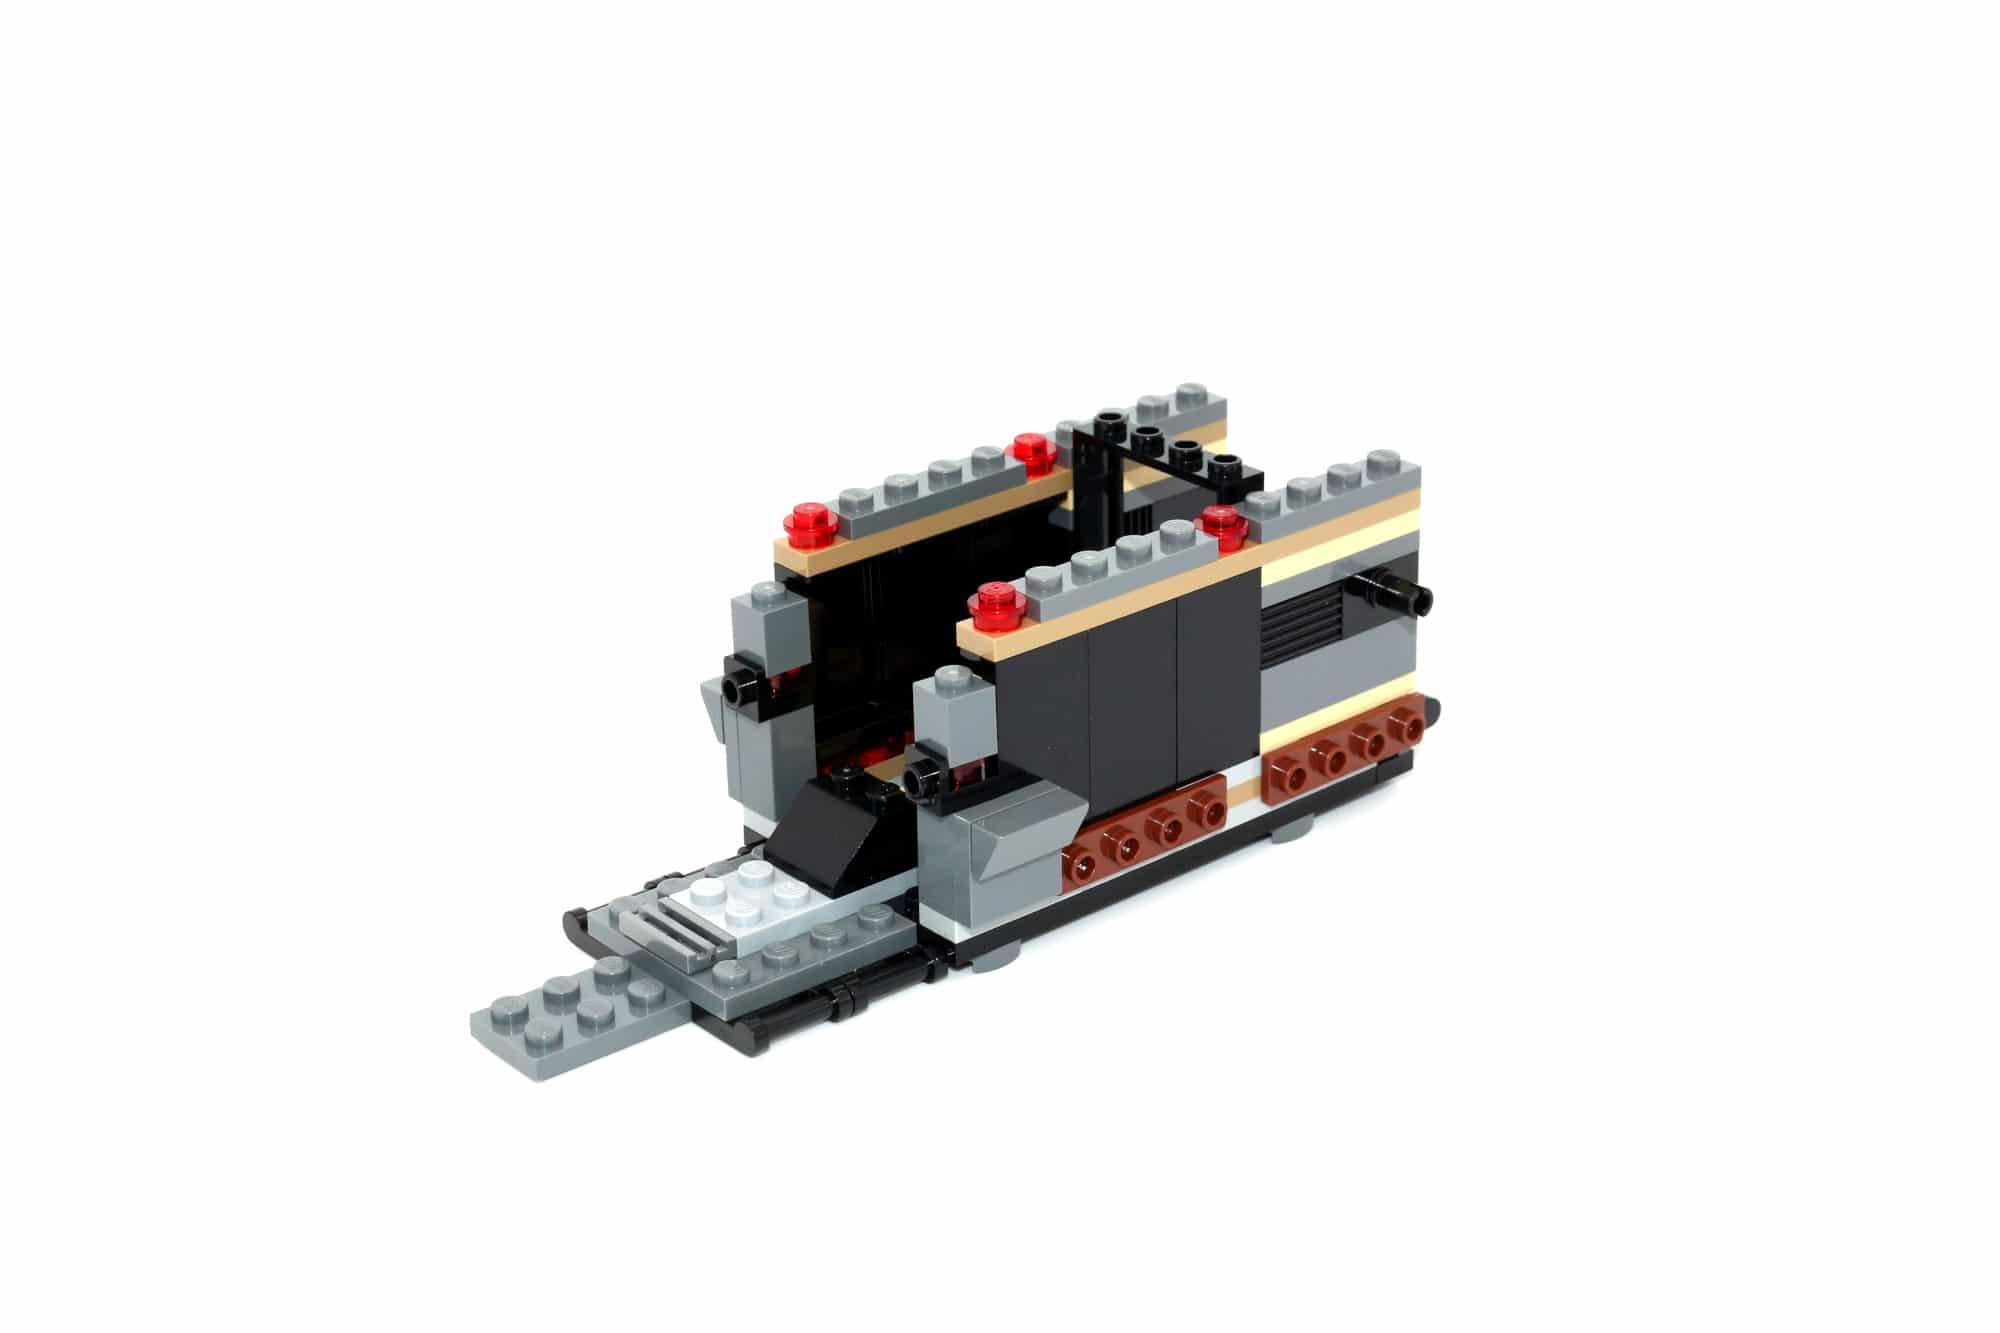 LEGO Star Wars 75311 Imperial Marauder 18